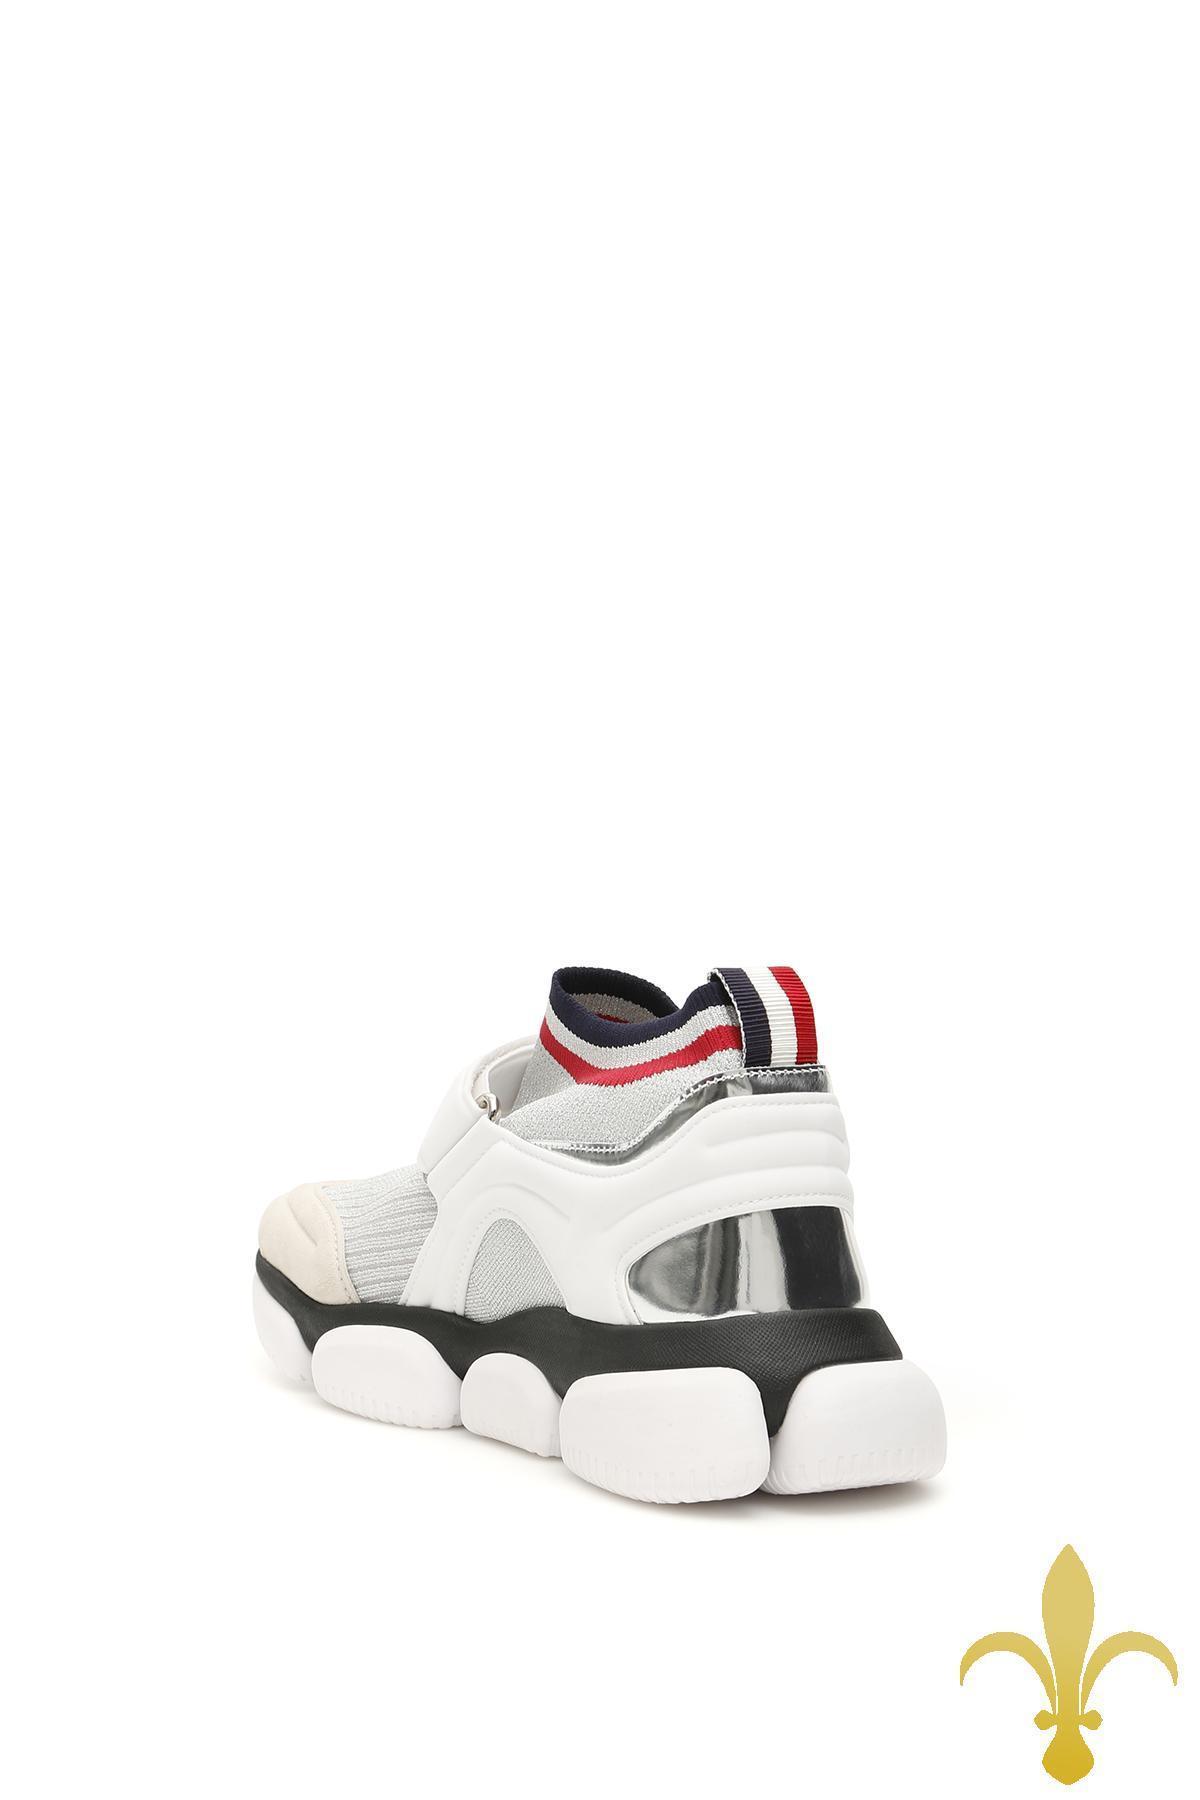 MONCLER MONCLER - Moncler basic baktha slip-on sneakers